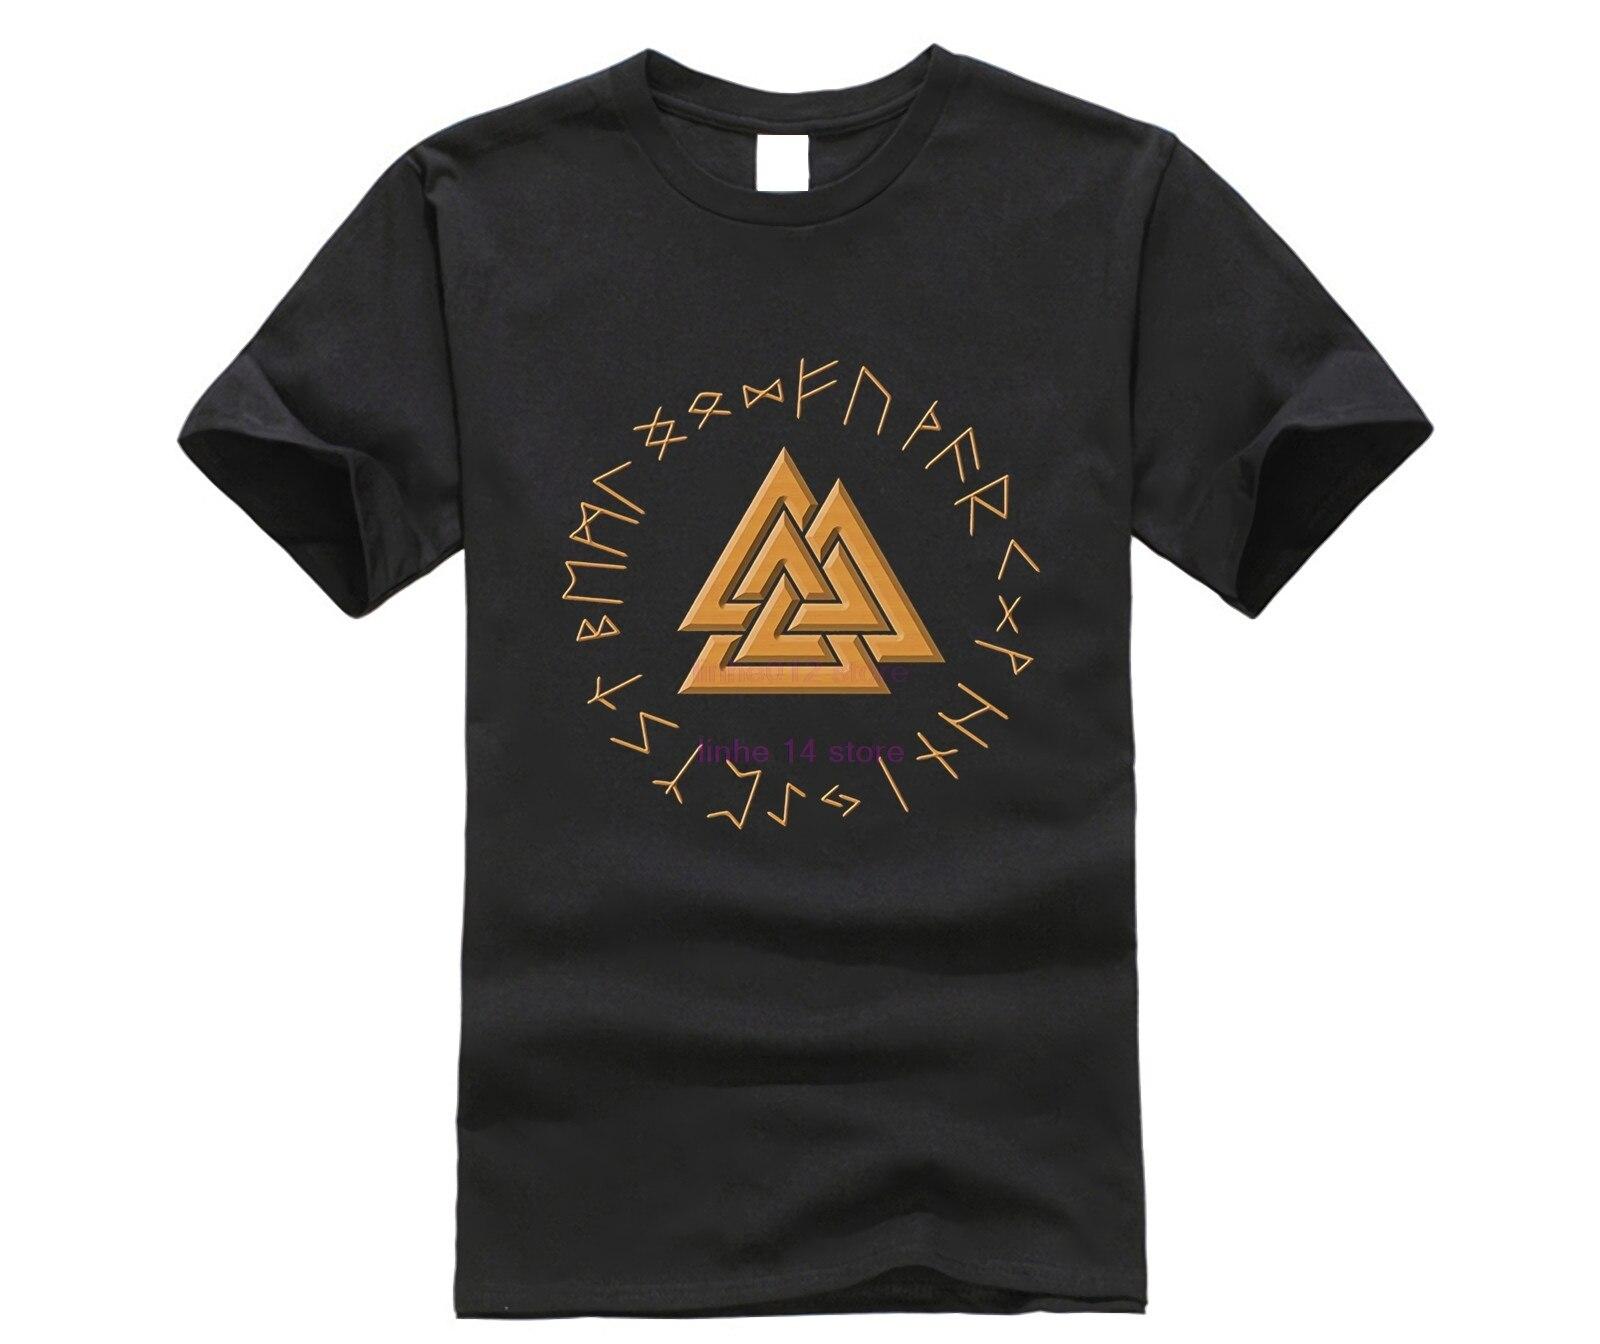 Camiseta de vikingos Valknut oro pagano nórdico Rune heatthen